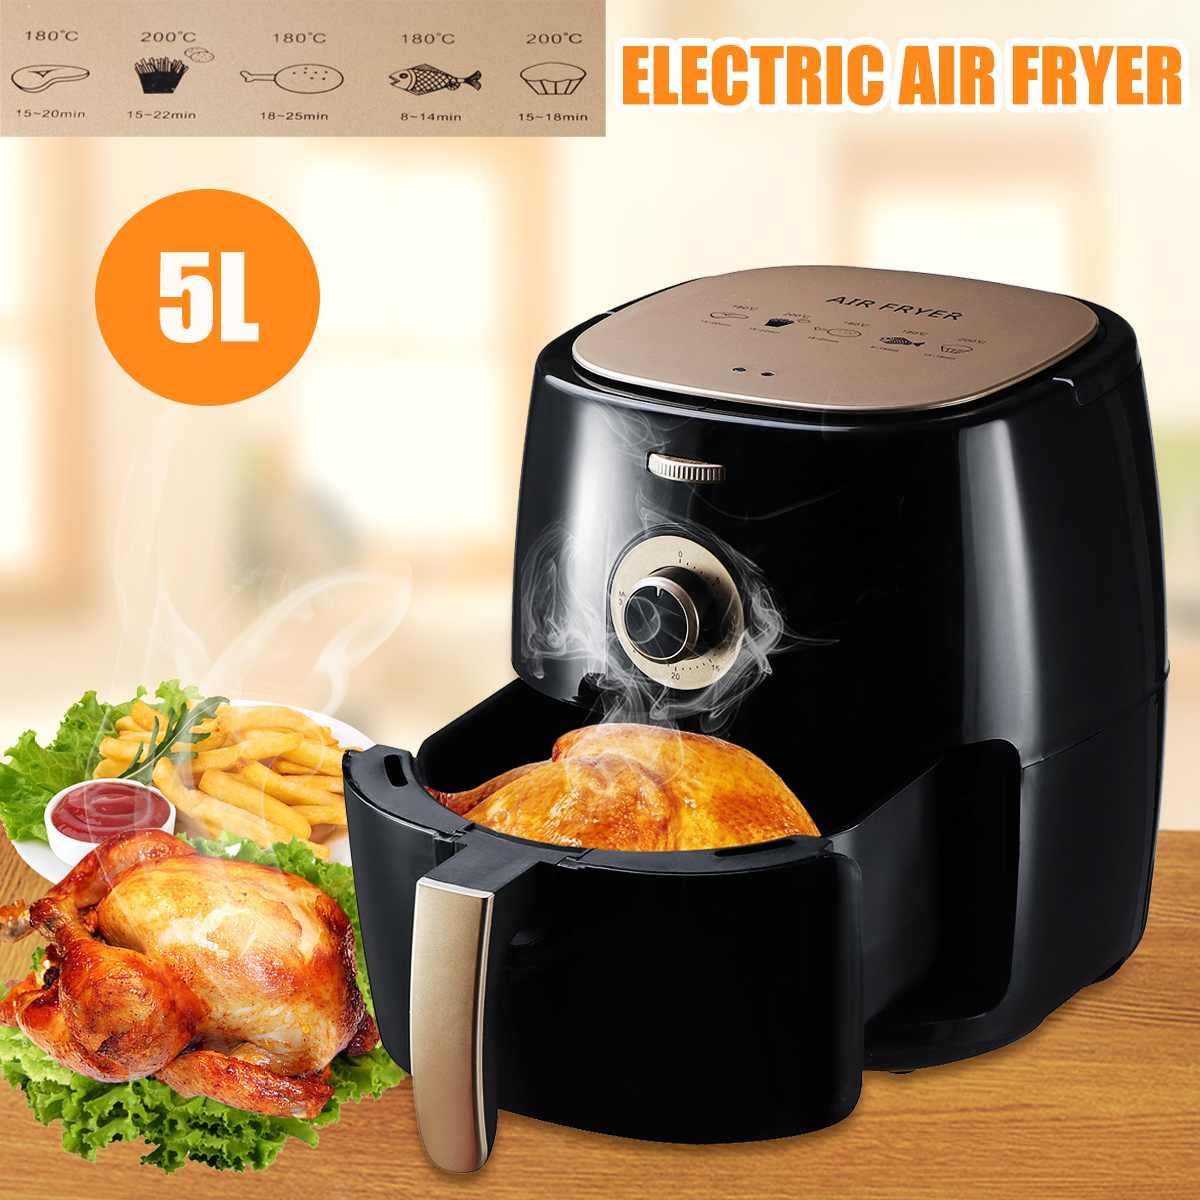 مقلاة هوائية Beocornce متعددة الوظائف بقدرة 1350 وات و5 لتر مقلاة هوائية خالية من زيت الدجاج مقلاة صحية تعمل بالطاقة الكهربائية بزاوية 360 درجة